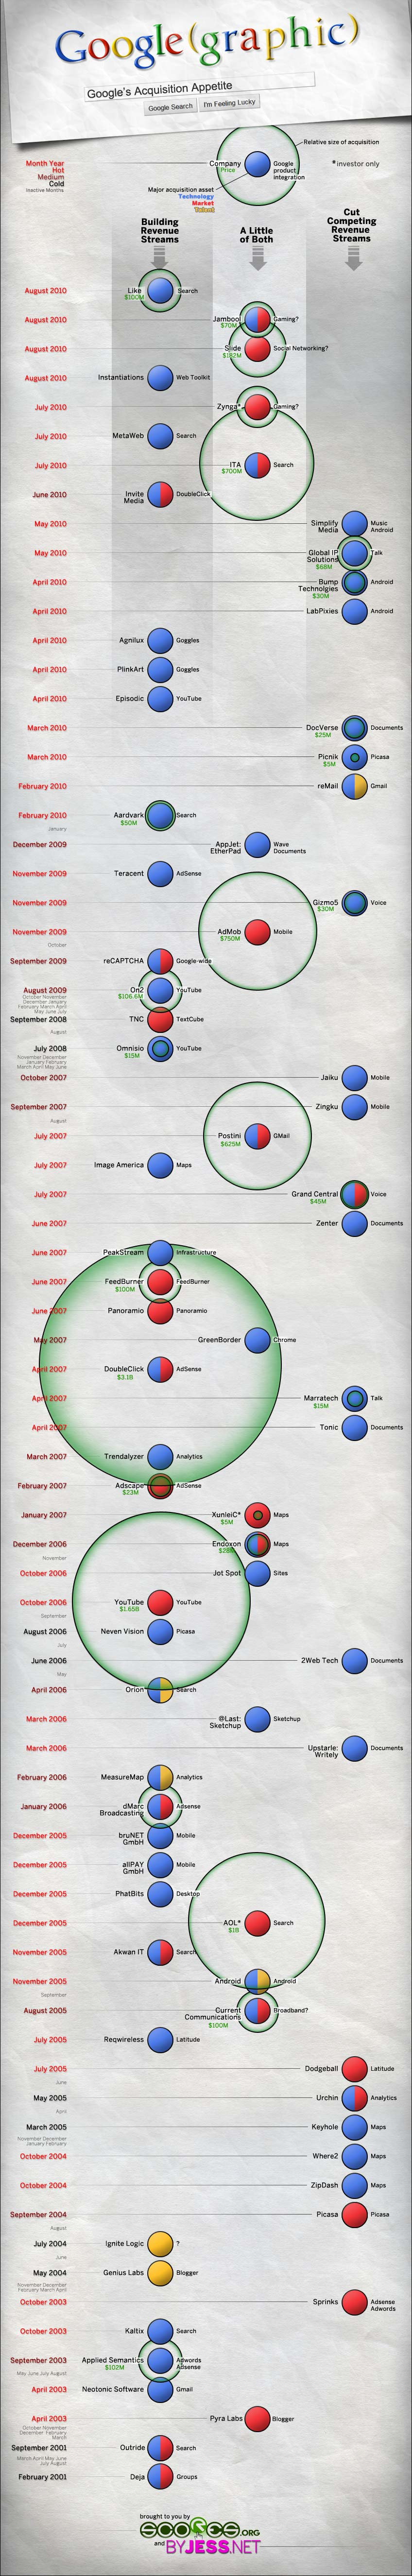 Google(graphic) - Google's Acquisition Appetite